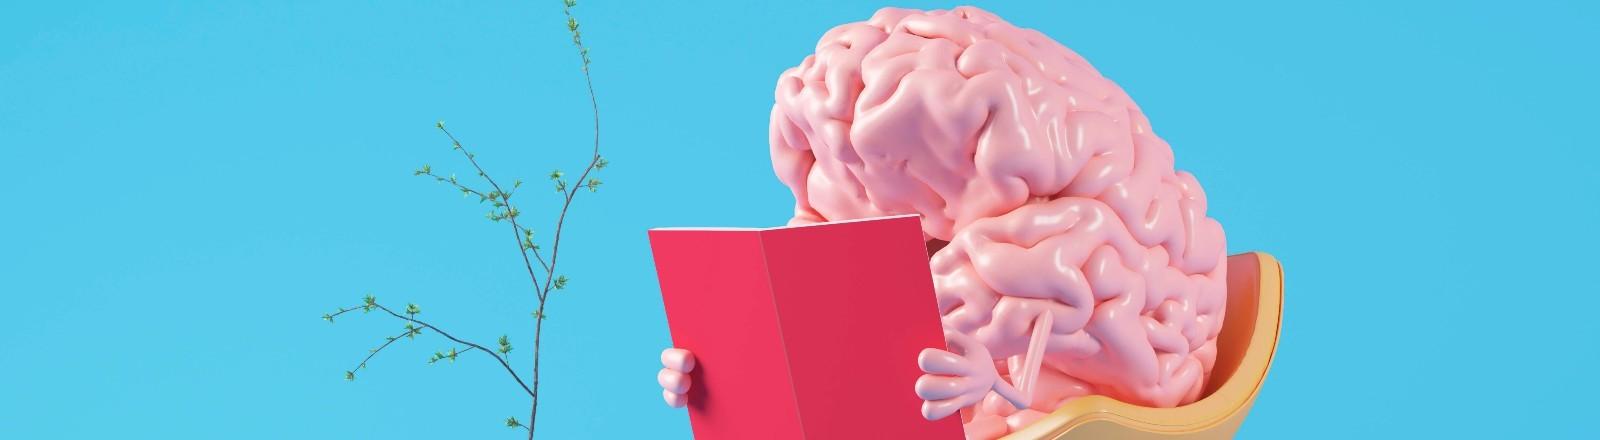 Ein Gehirn sitzt auf einem Stuhl und liest ein Buch.